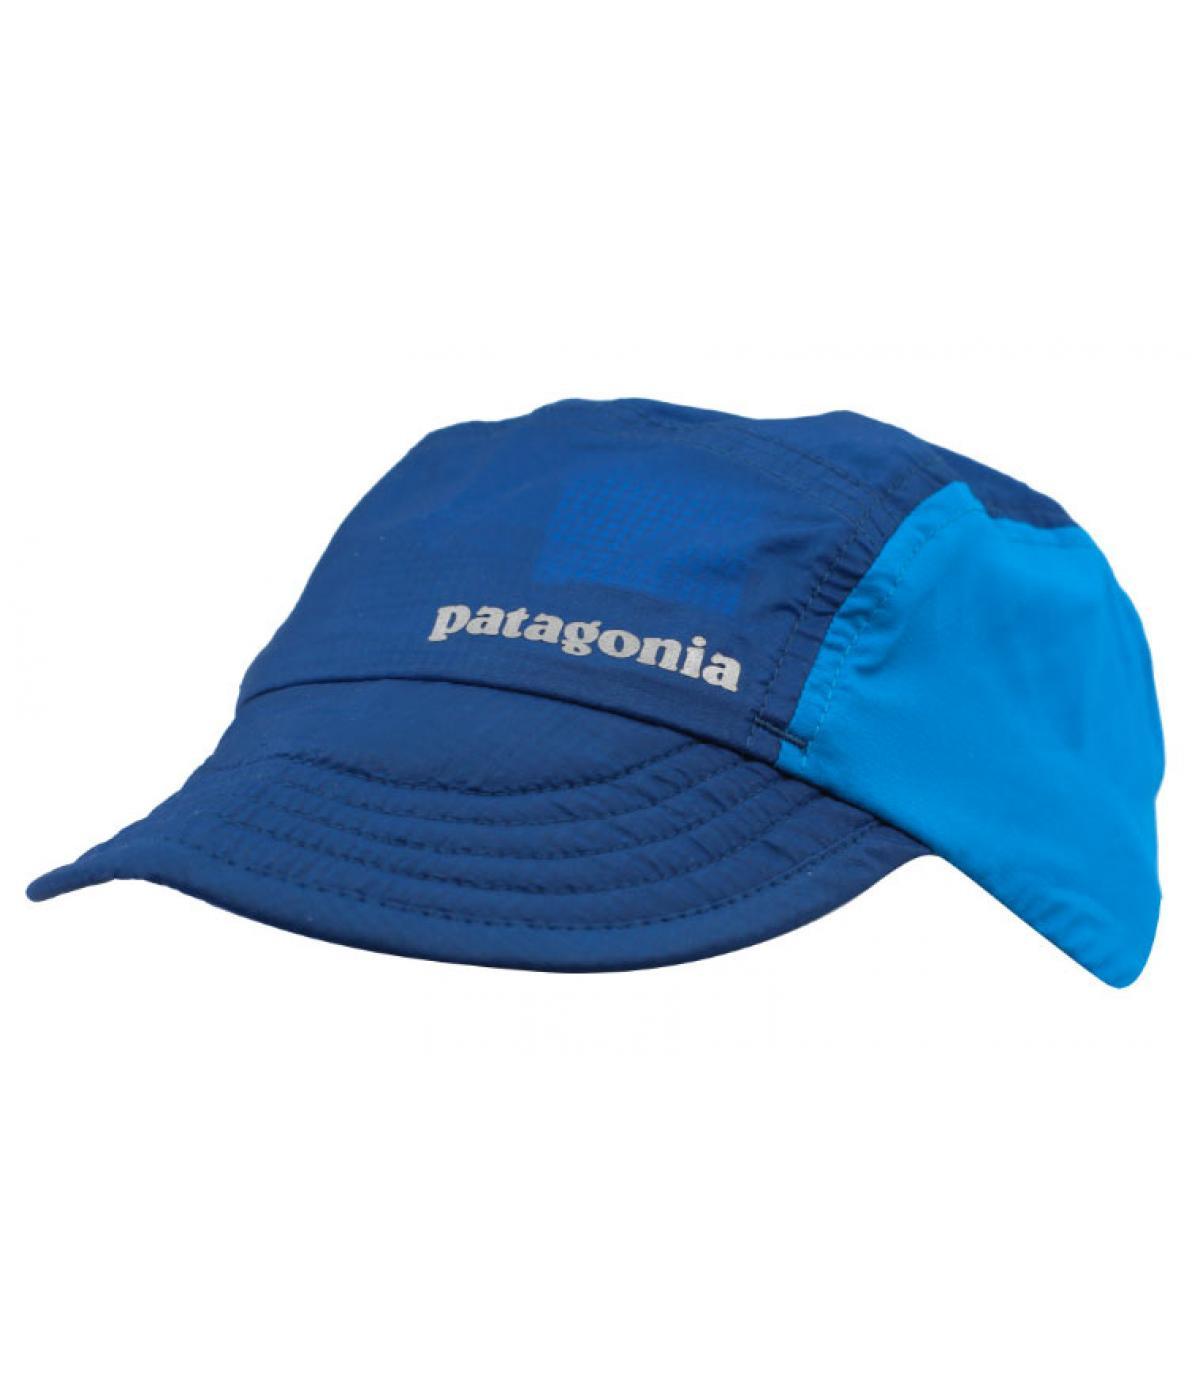 blue Patagonia cap - Airdini Cap big sur blue by Patagonia. Headict 2d3a6b1004a